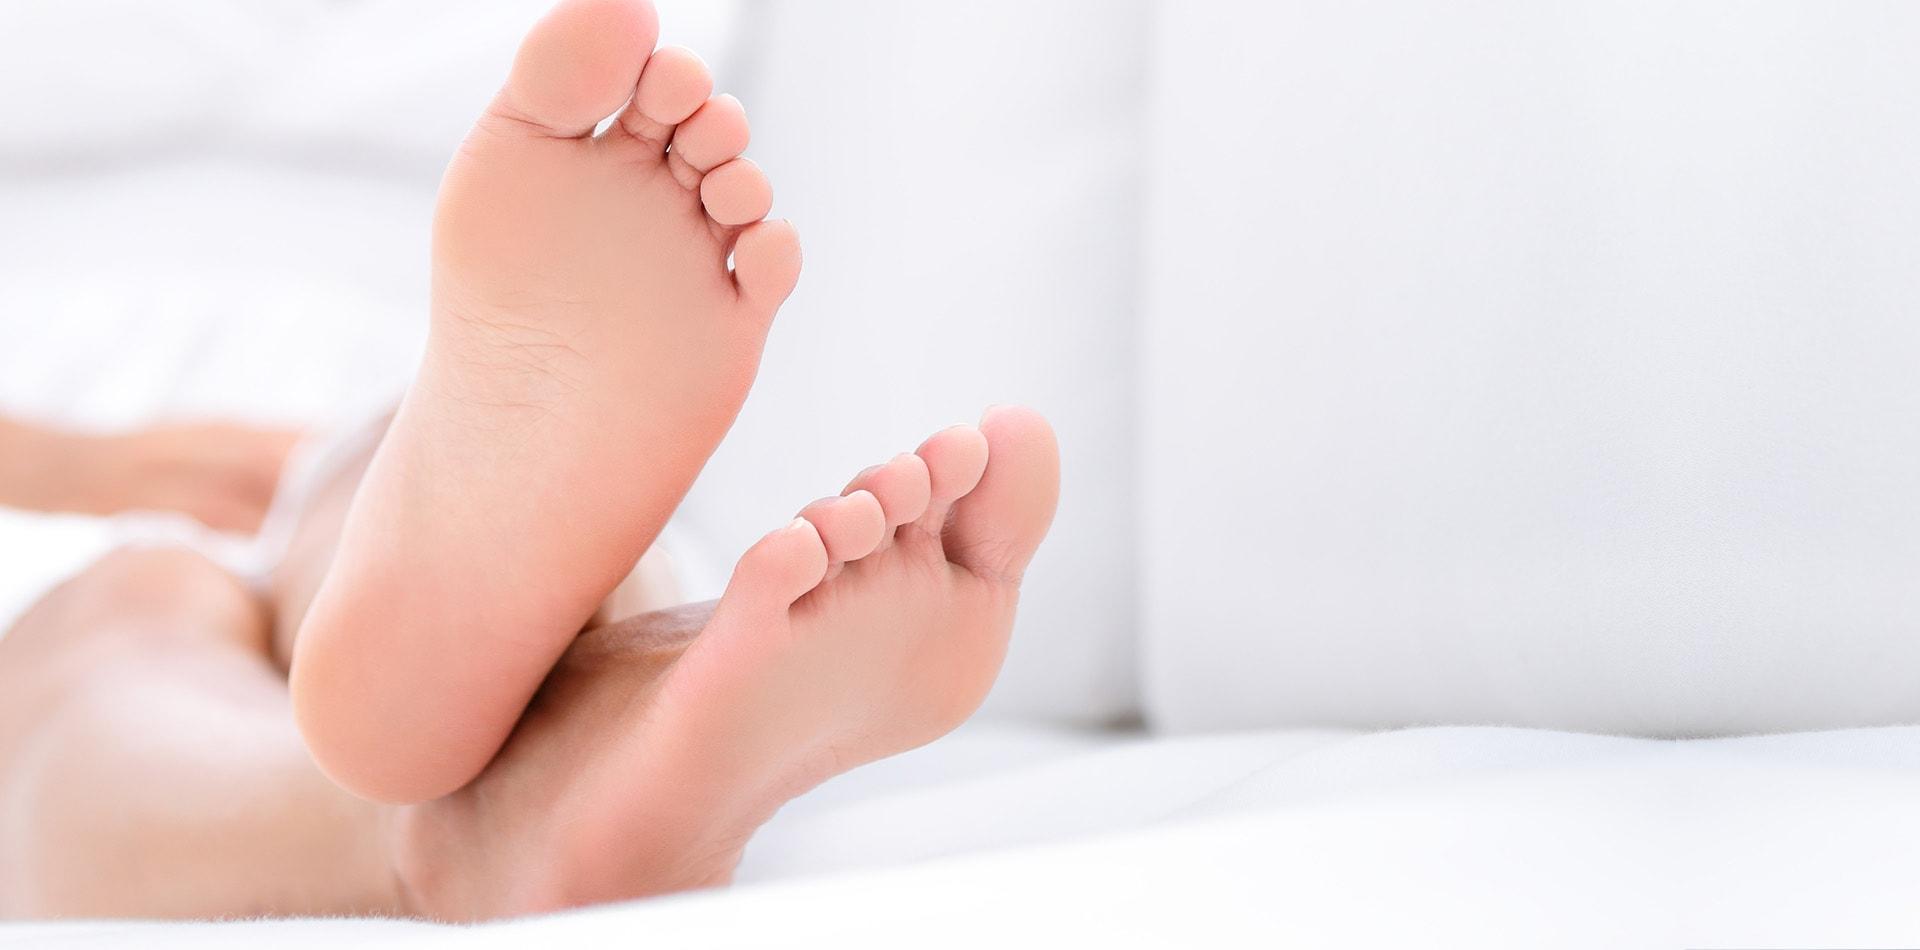 Woman feet closeup - barefoot woman relaxing sofa